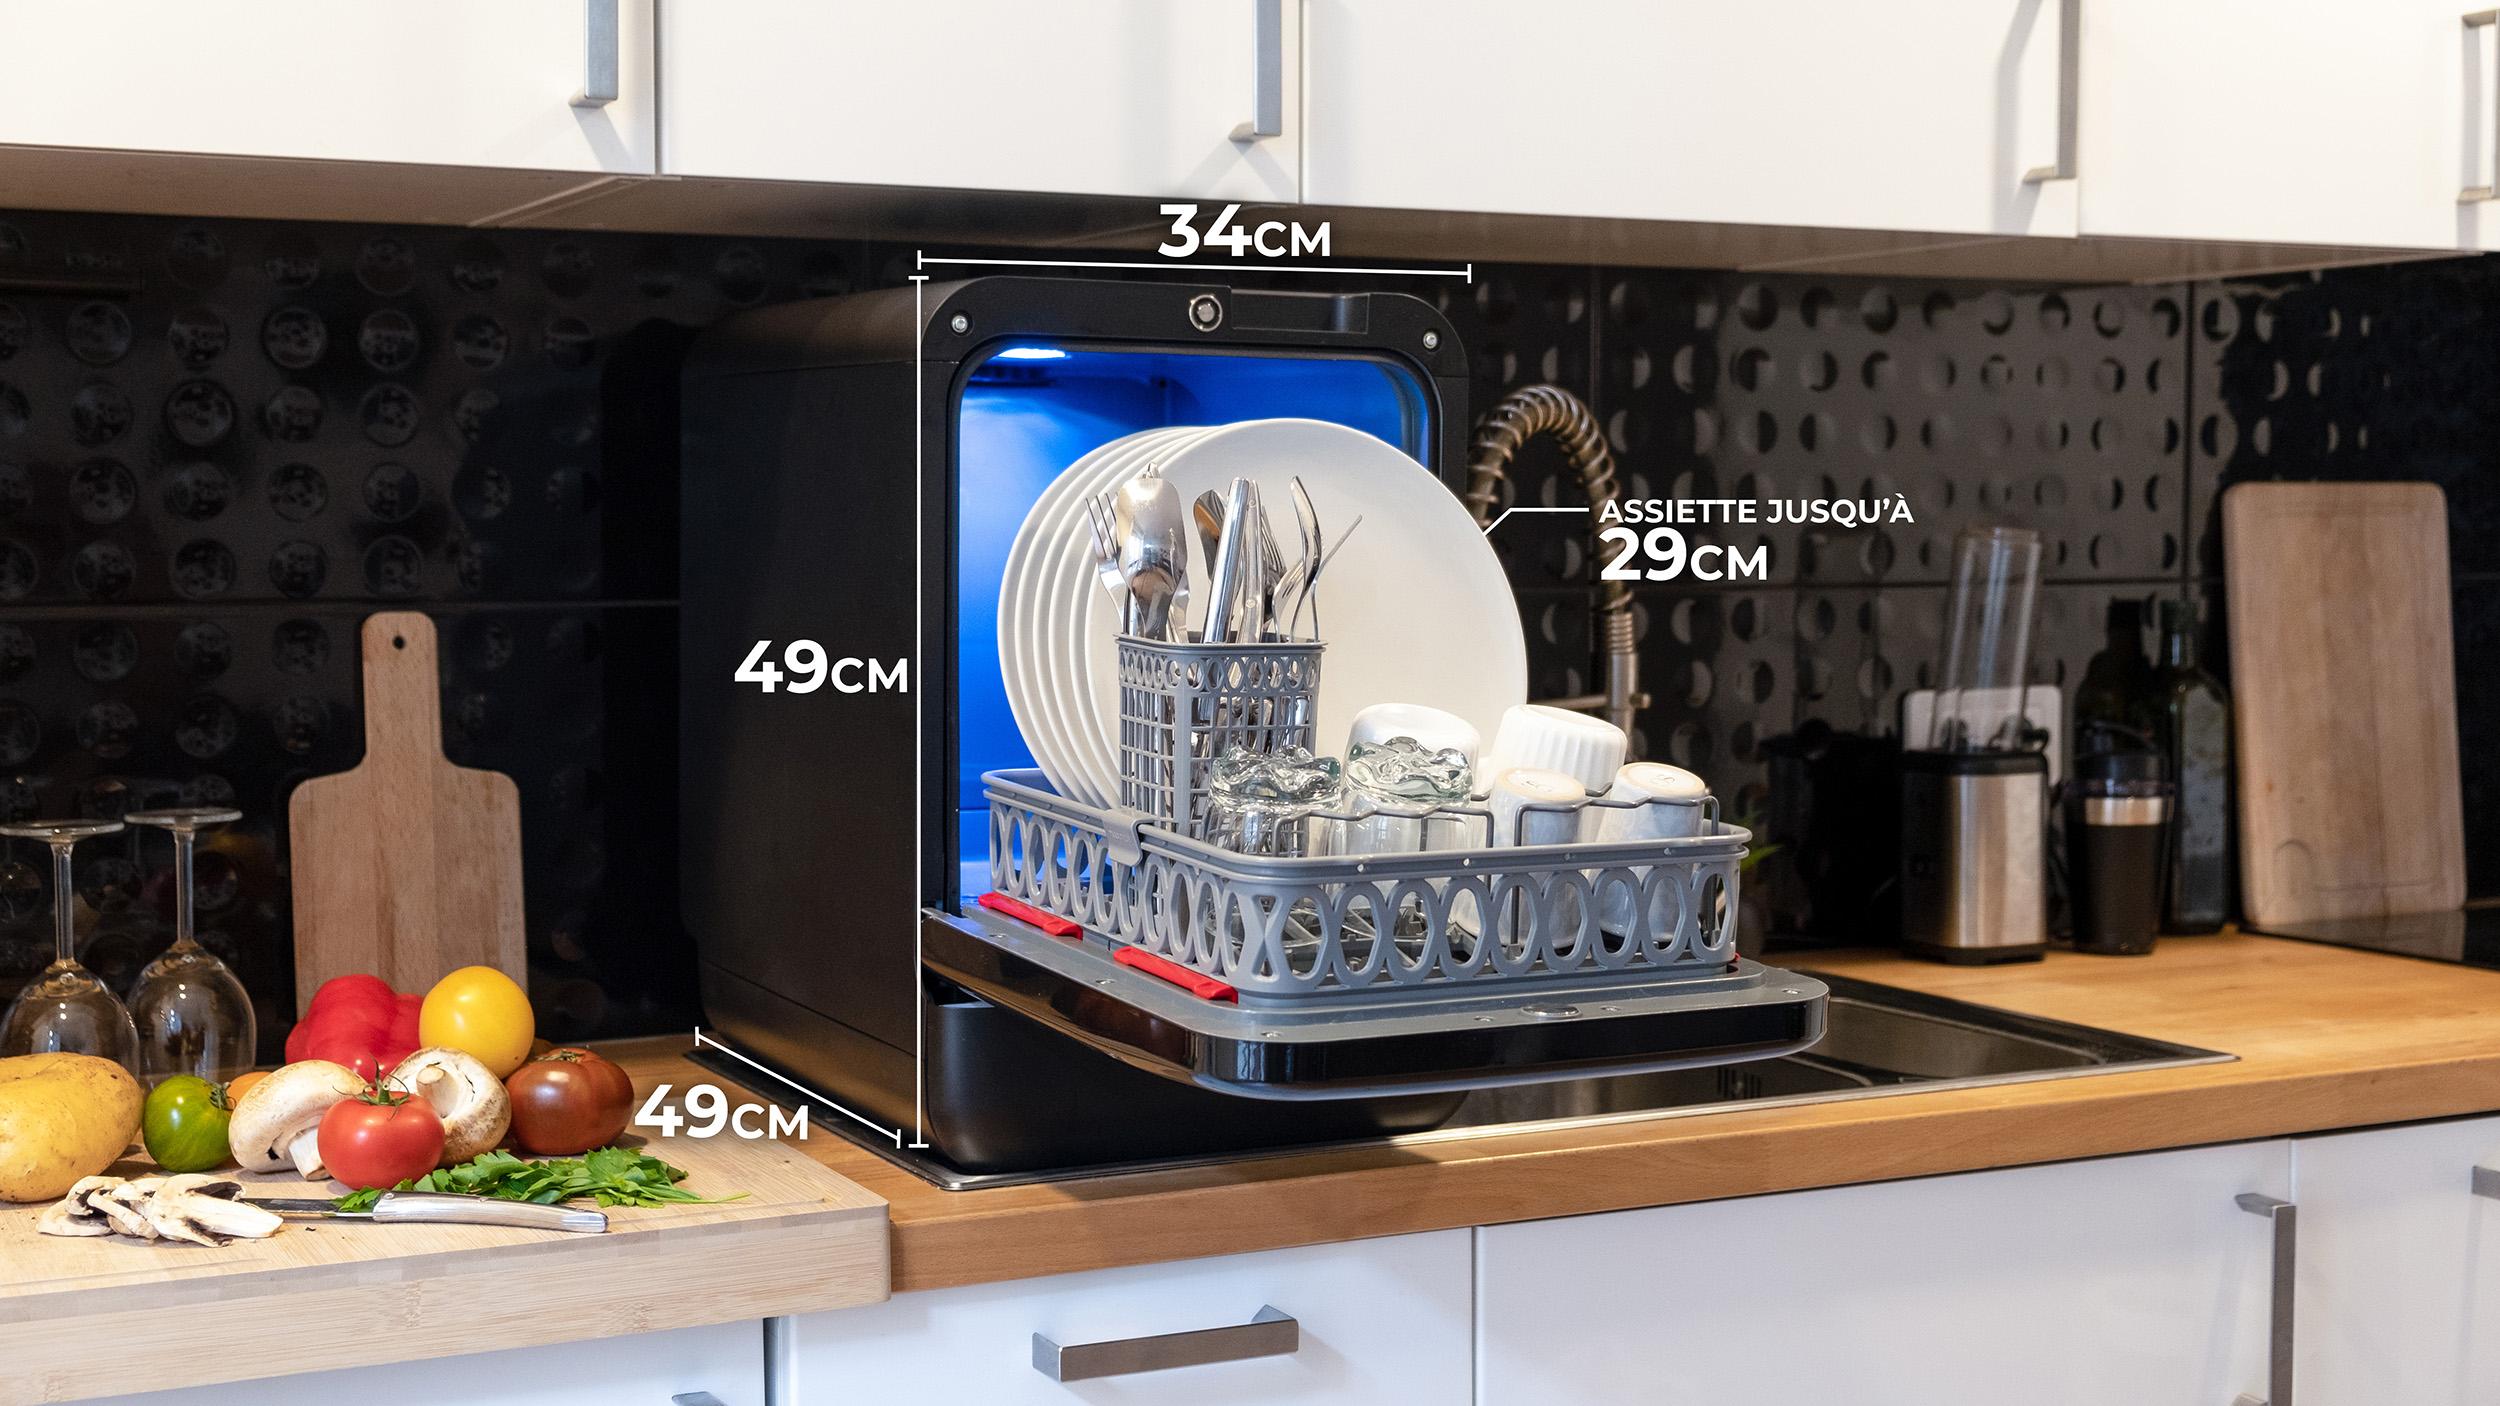 Dimension small mini lave vaisselle dishwasher small kitchen